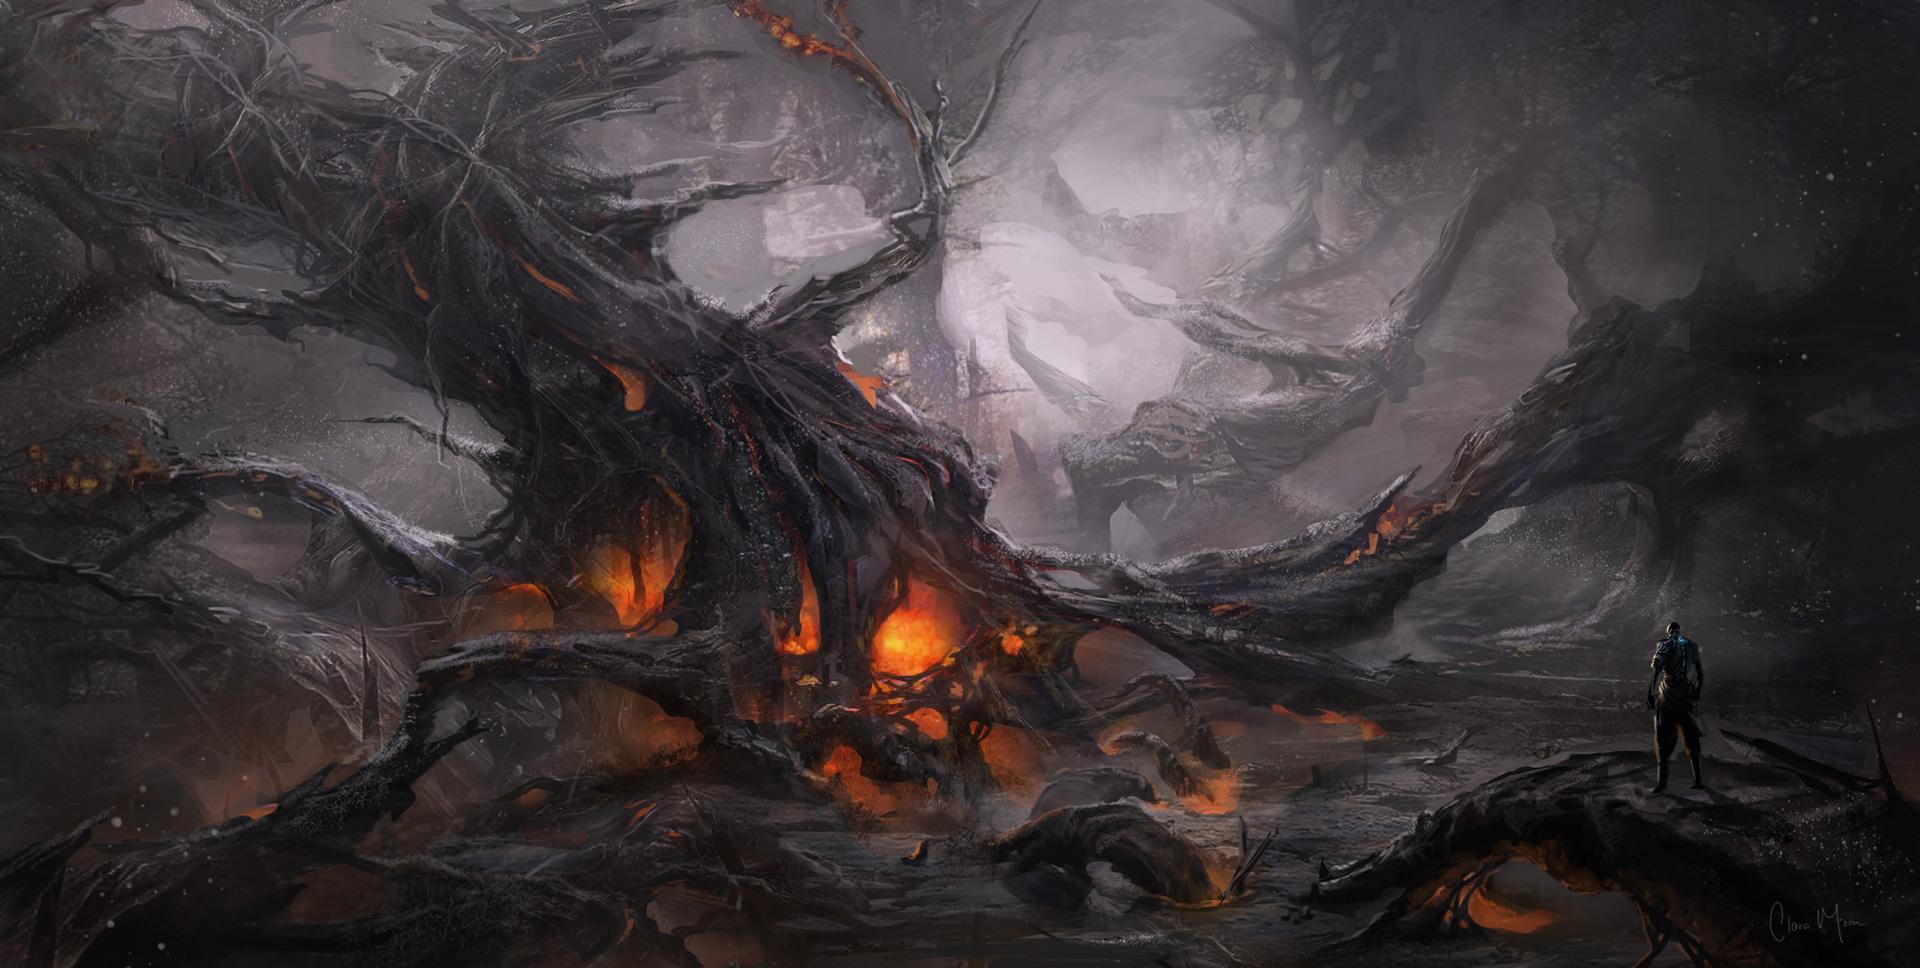 landscape wallpaper 3d